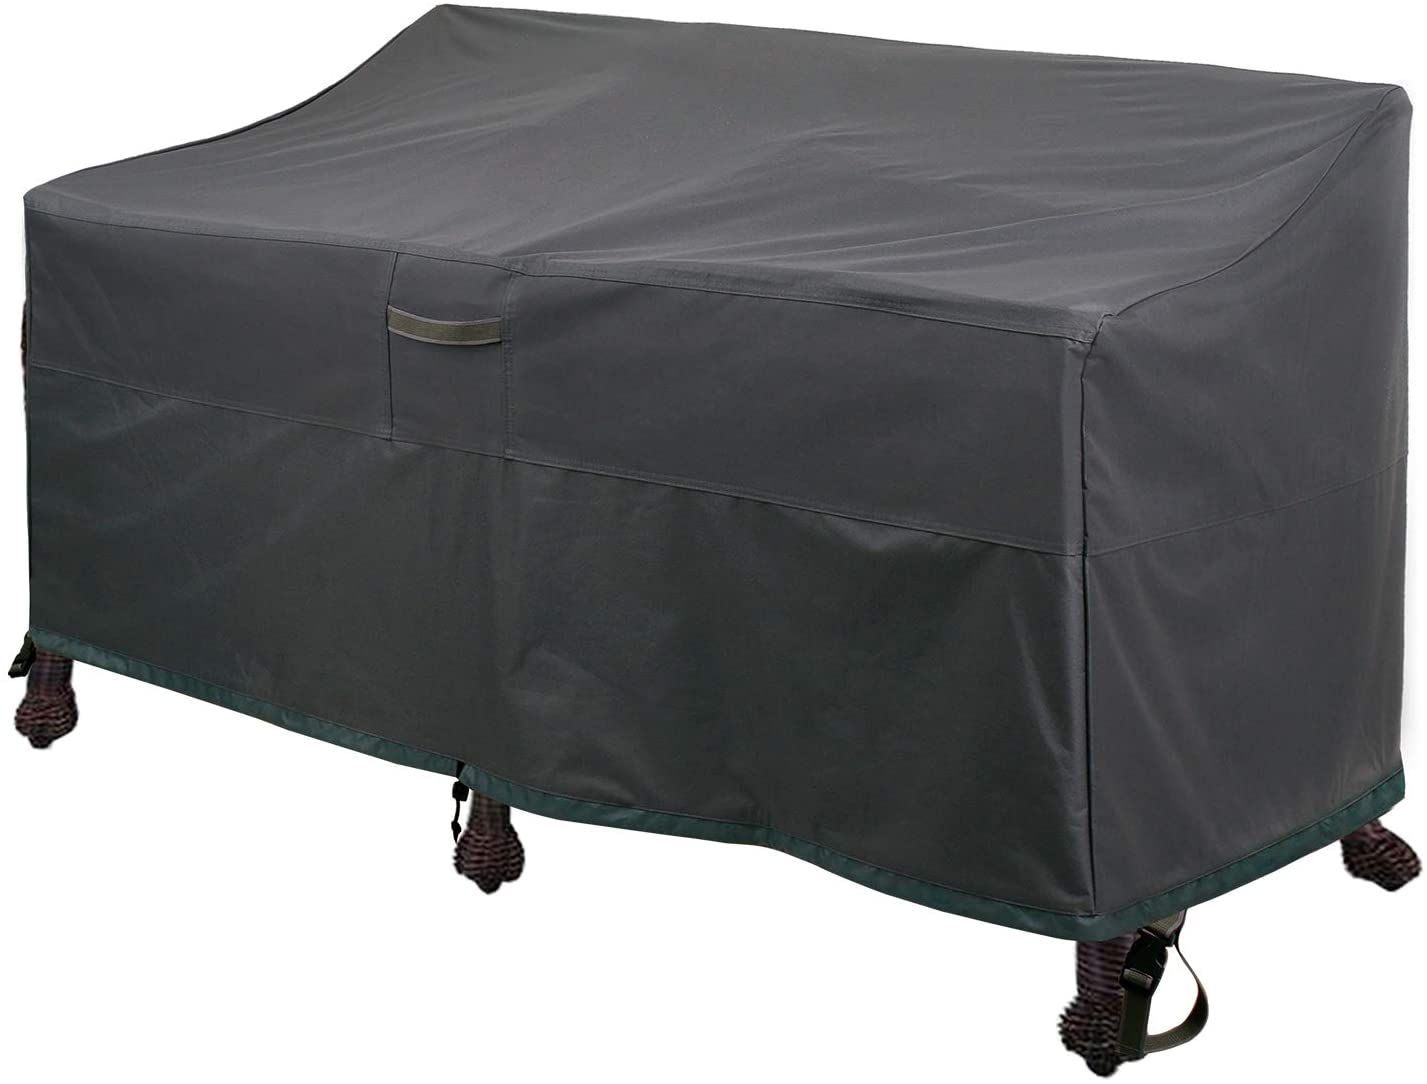 자 부속품 PATIO 깊은 벤치 세 덮개 방수 옥외 커 잔디밭 안뜰 가구를 덮개를 통풍구 어두운 회색(58LX32.5D X31H 회색)